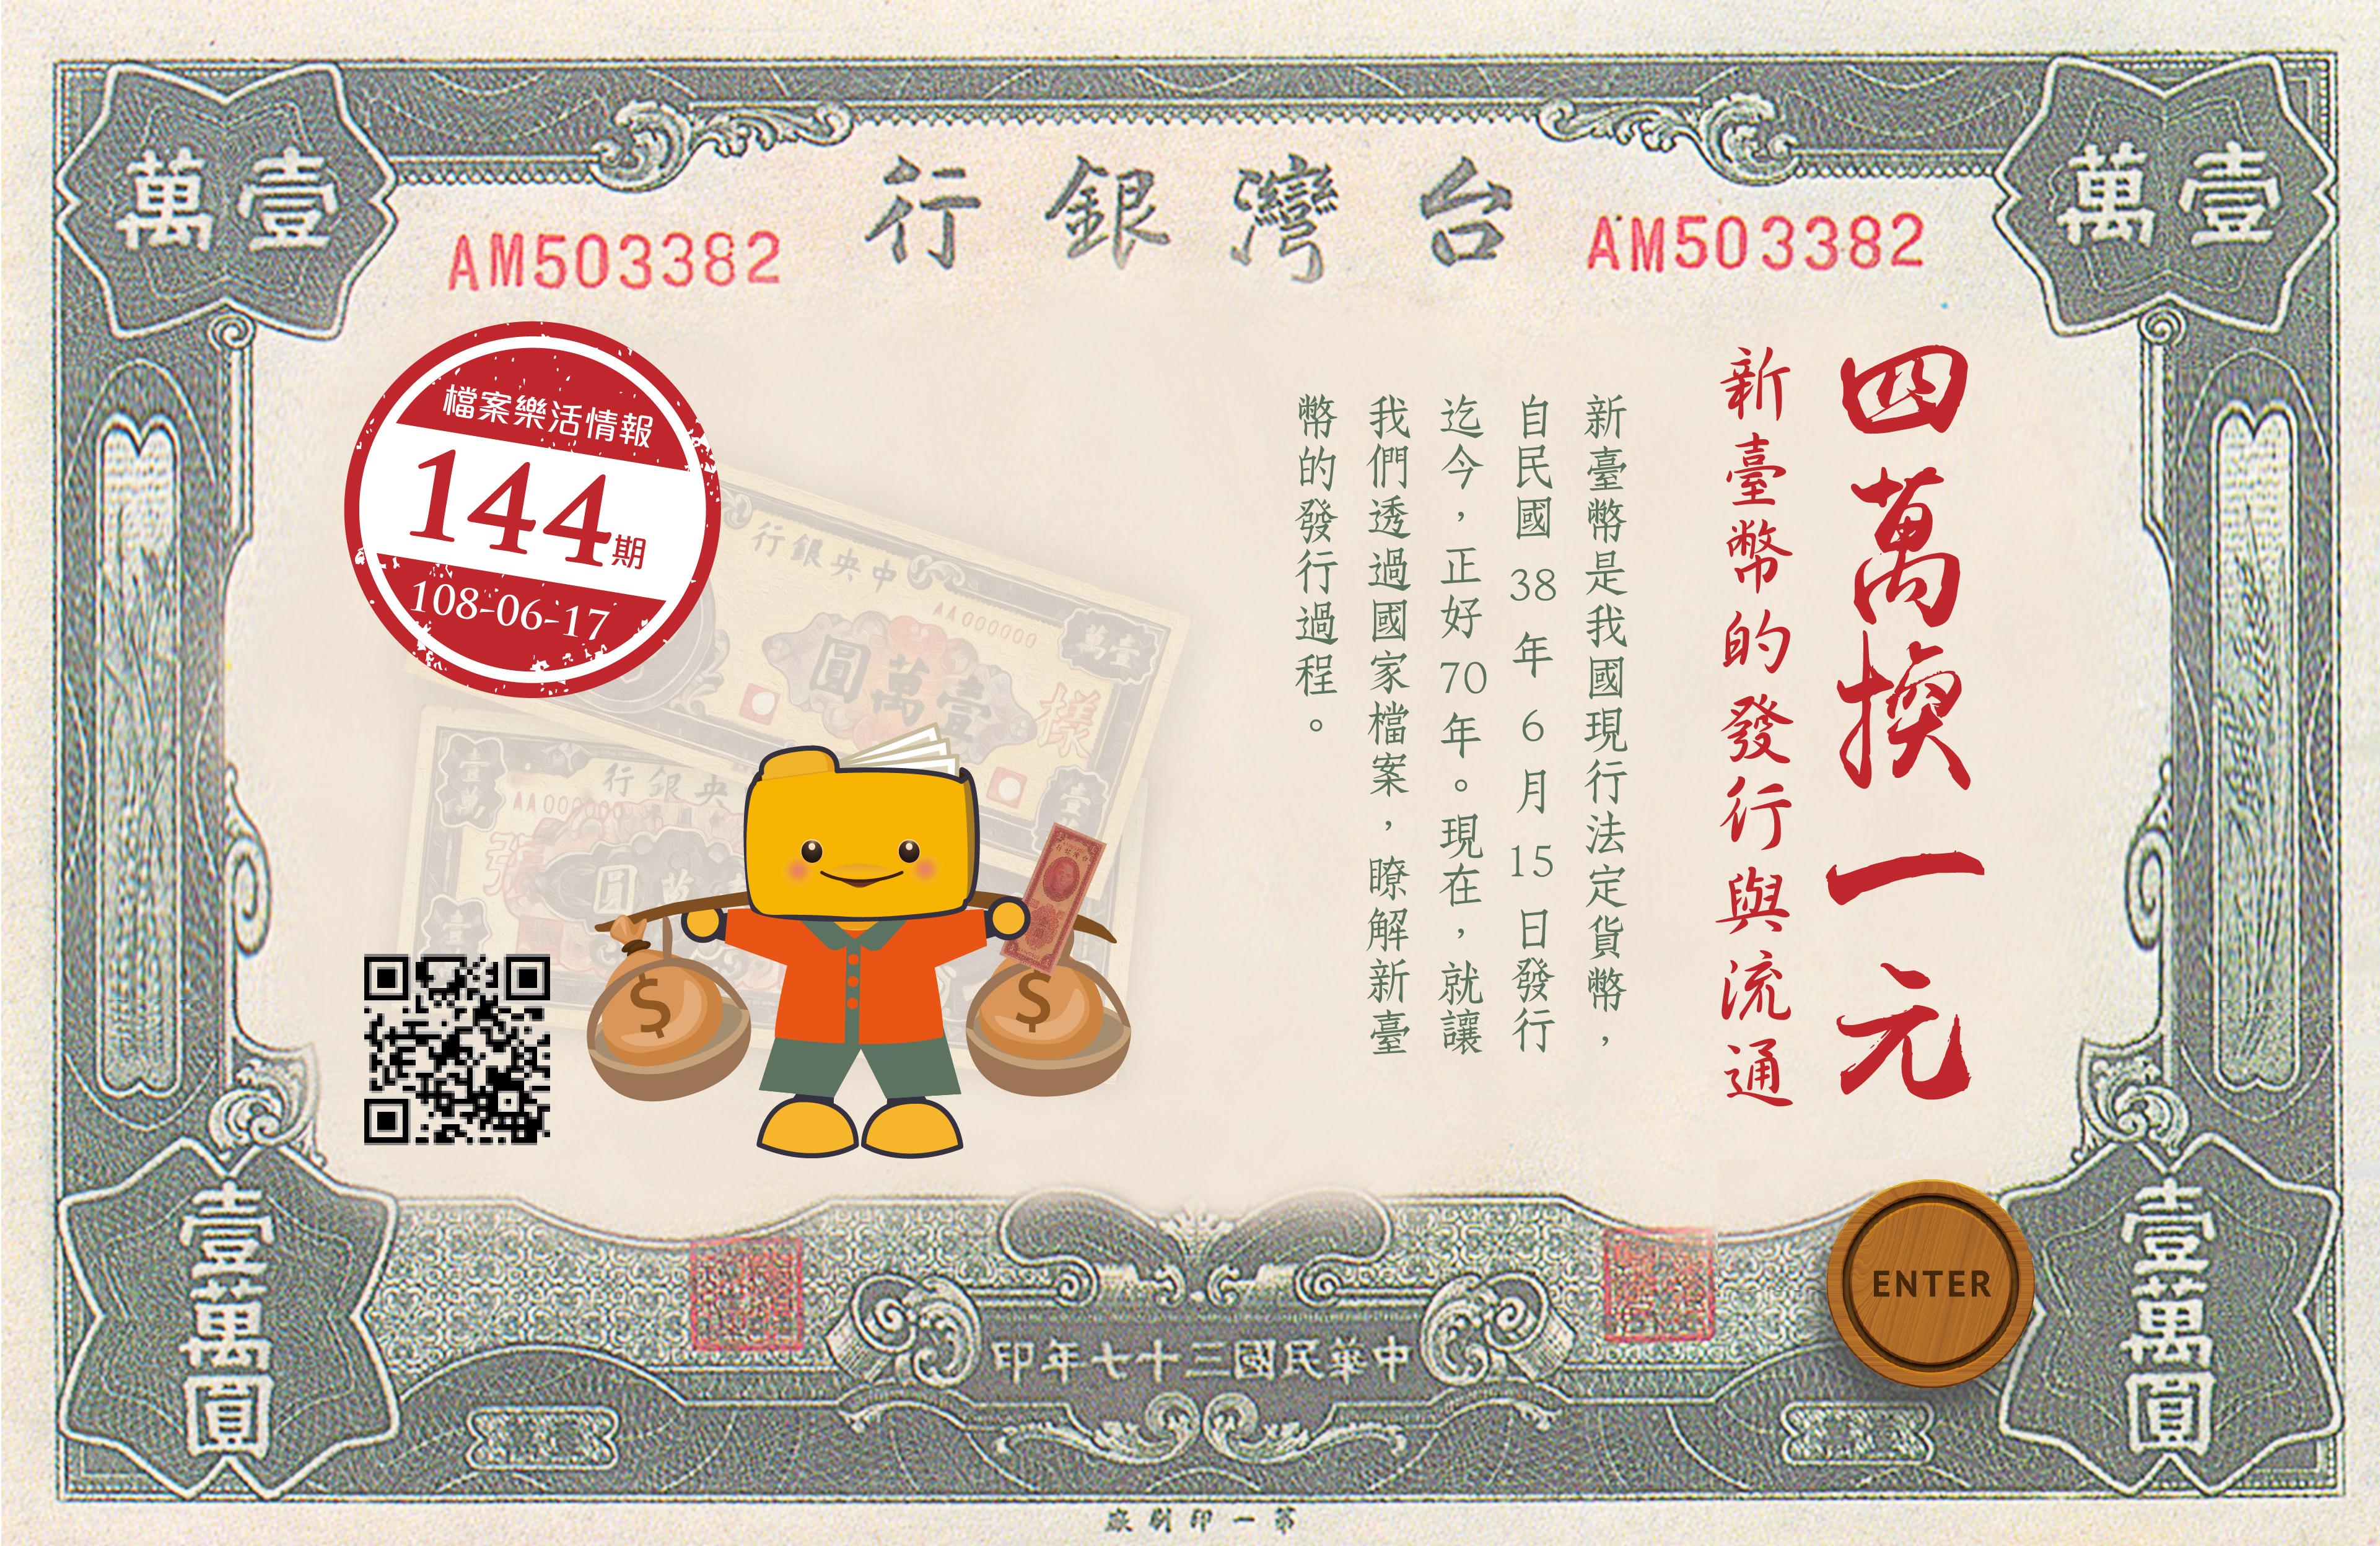 4萬換1元:新臺幣的發行與流通